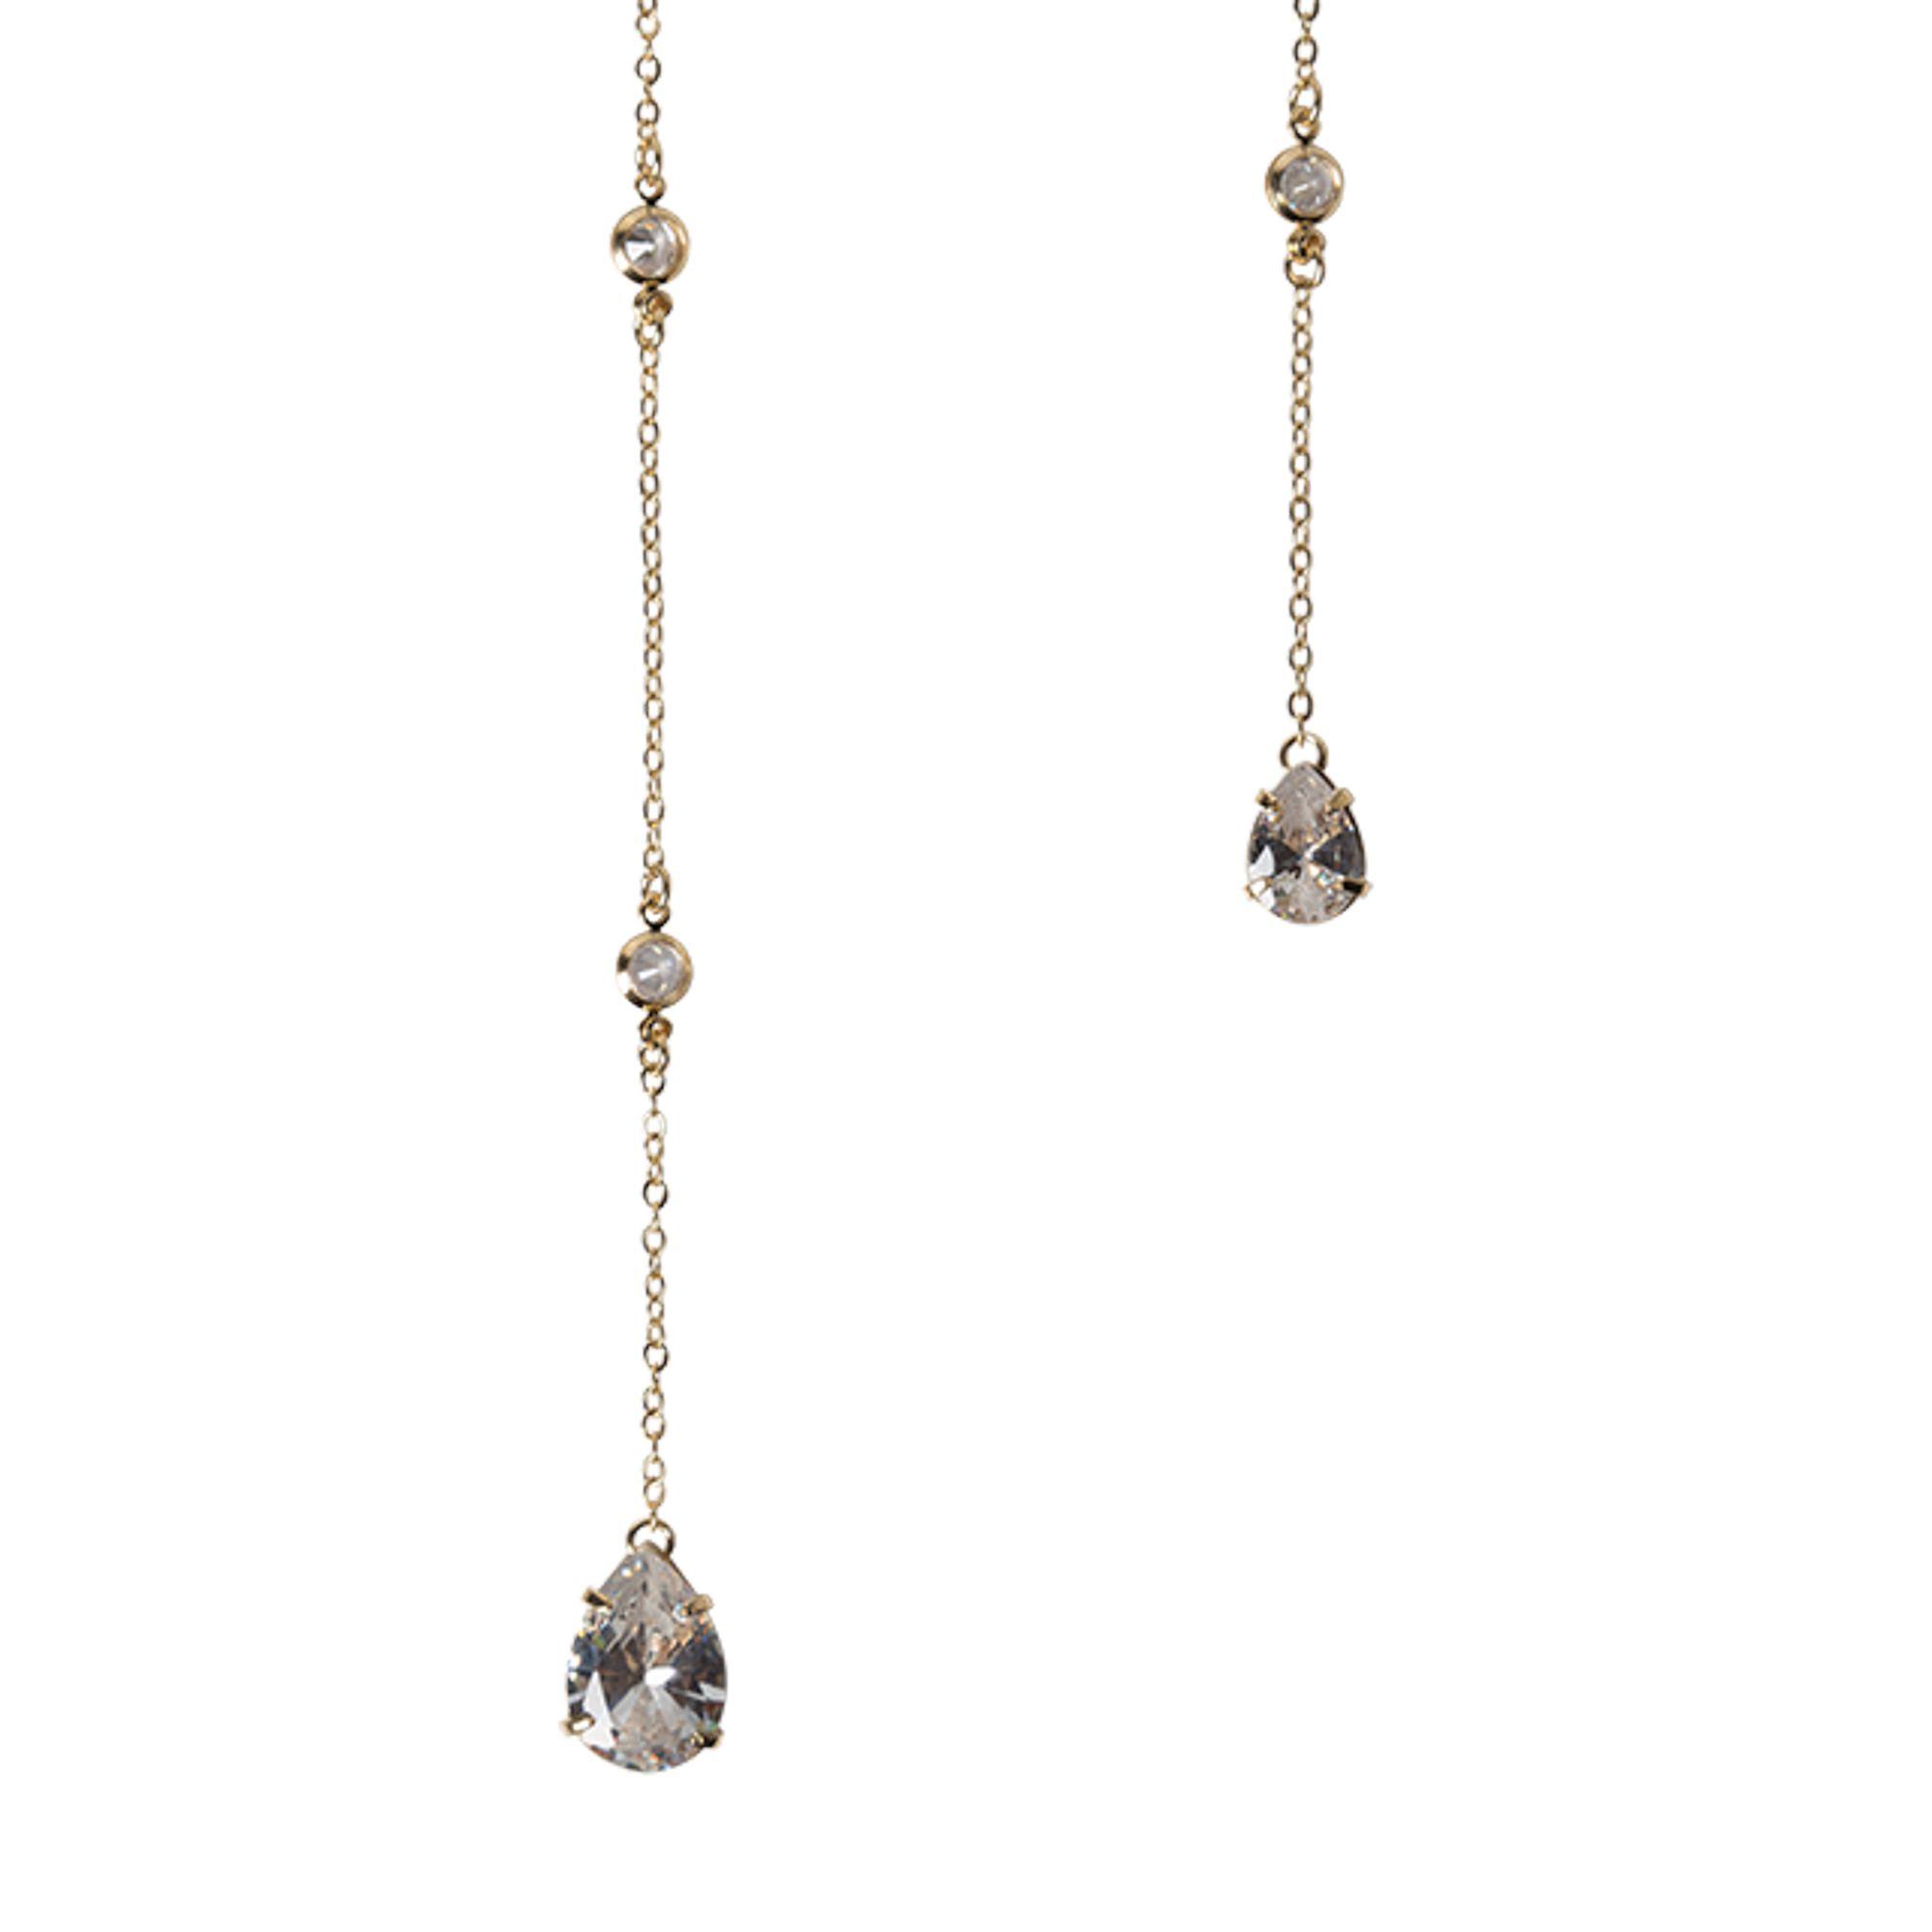 Colar Gravata Dupla Inspiração Tiffany